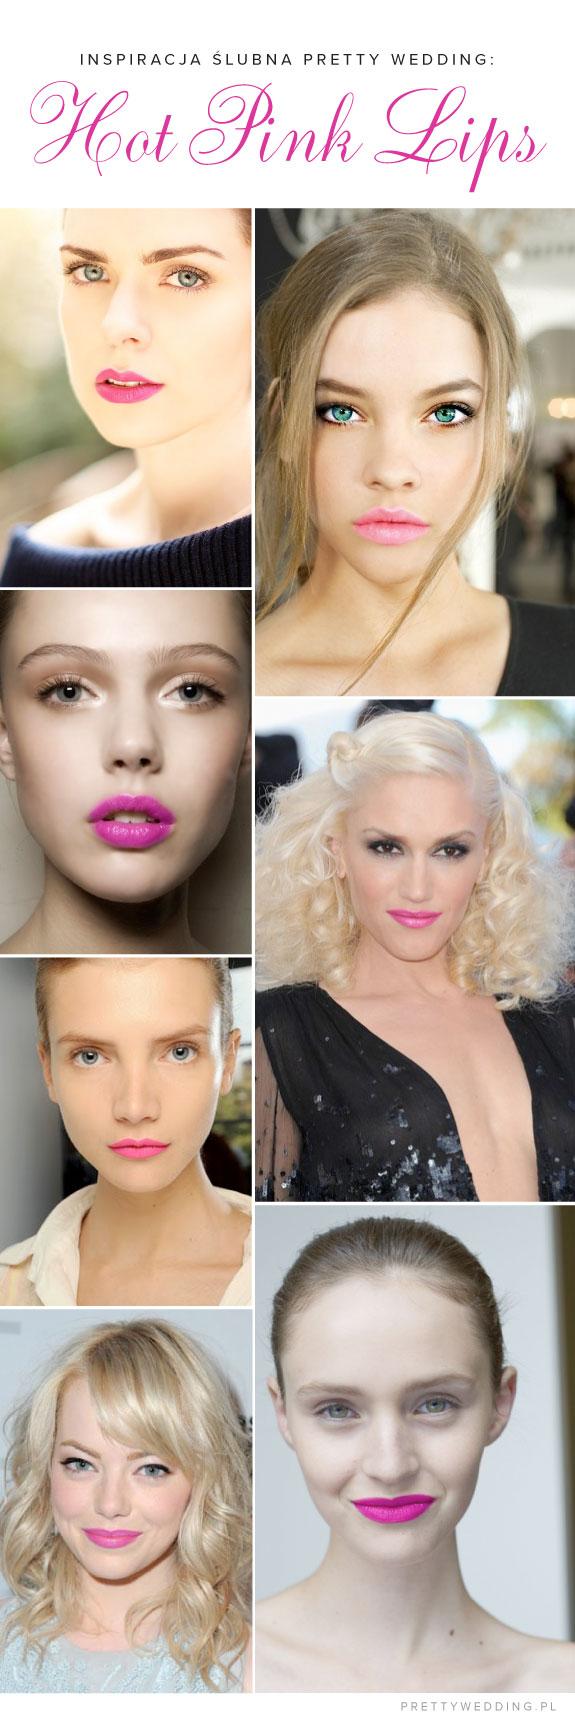 Inspiracje Ślubne: Szminka Hot Pink Lips